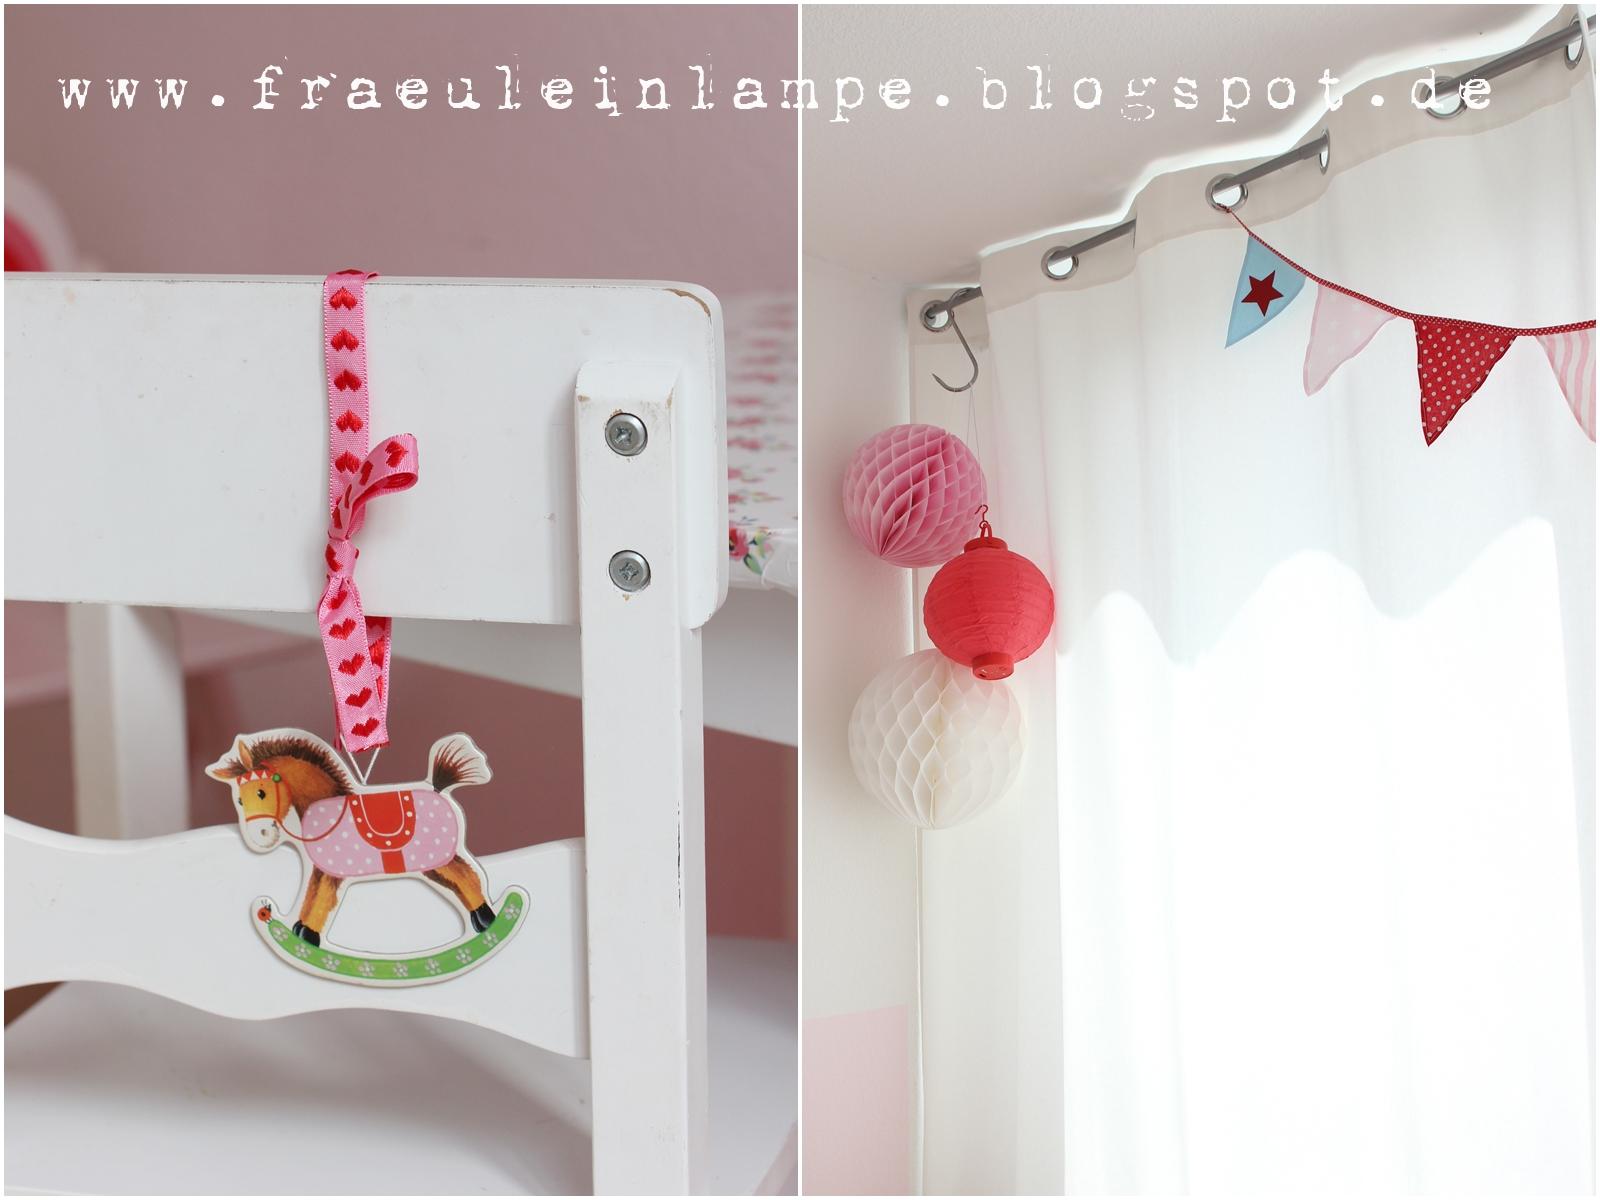 fräulein lampe: das kinderzimmer meiner kleinsten plus diy und freebie - Kinderzimmer Deko Diy